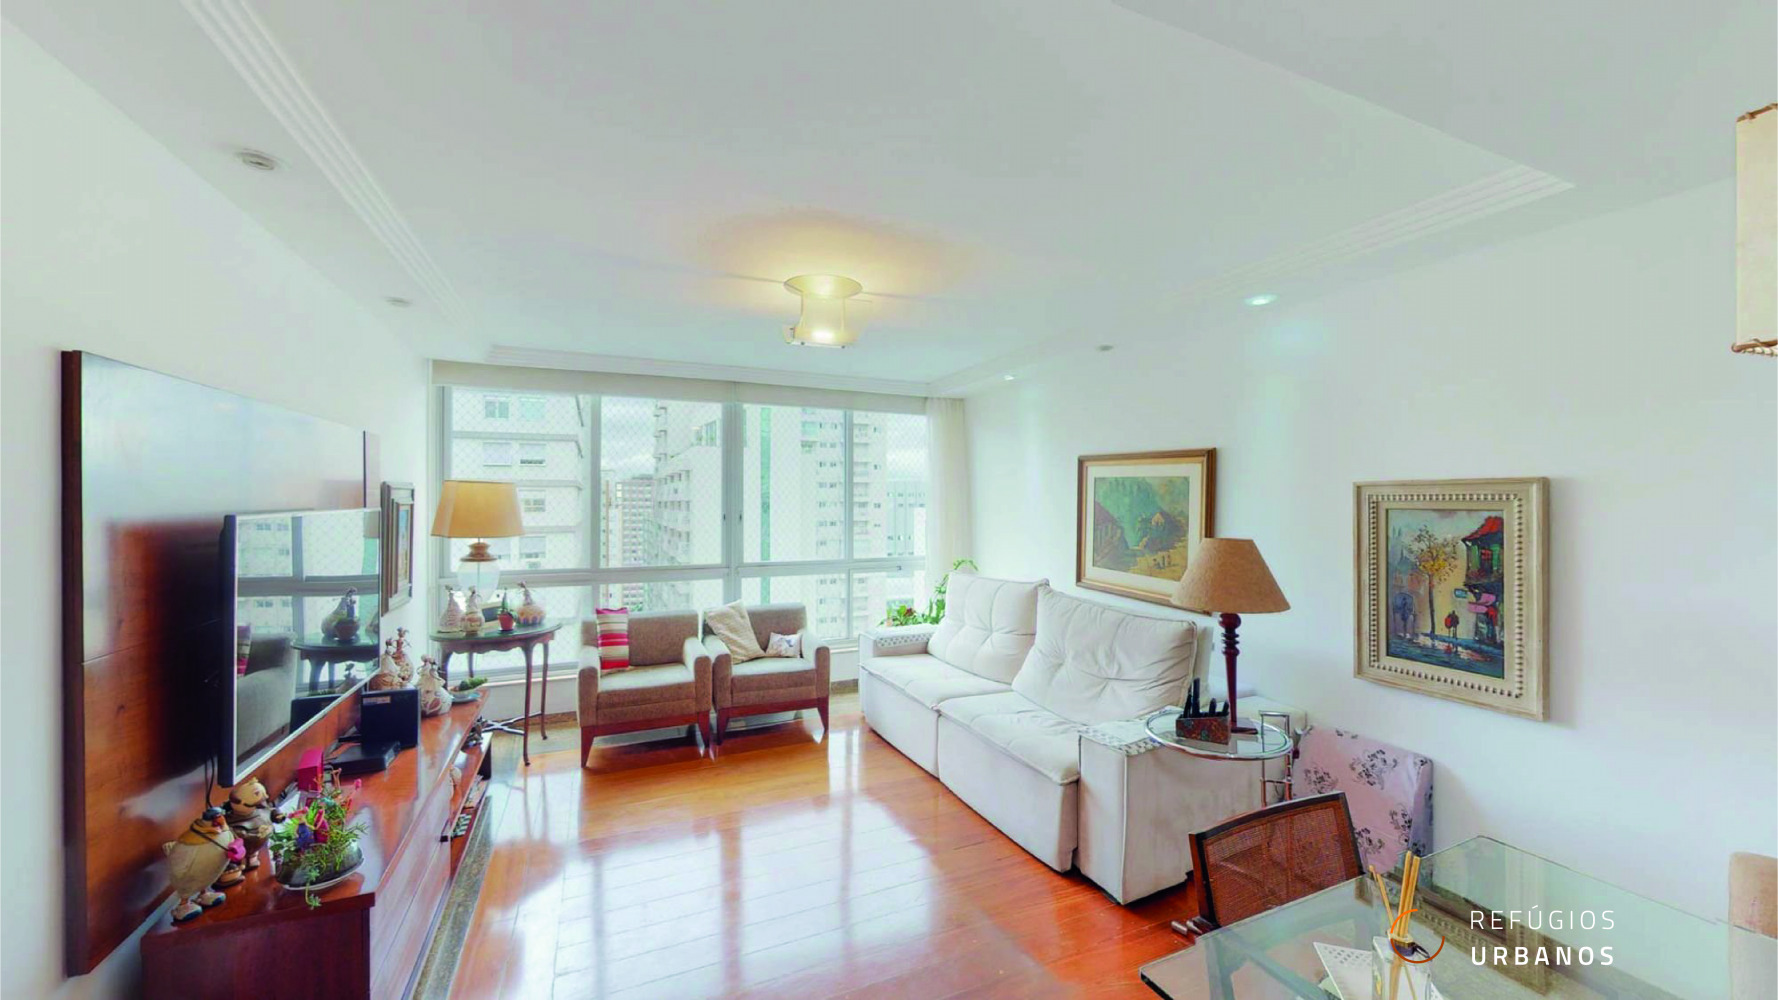 Apartamento de 145m² na Bela Vista em andar alto com três dormitórios, sendo uma suíte e duas vagas de garagem em prédio equipado com lazer